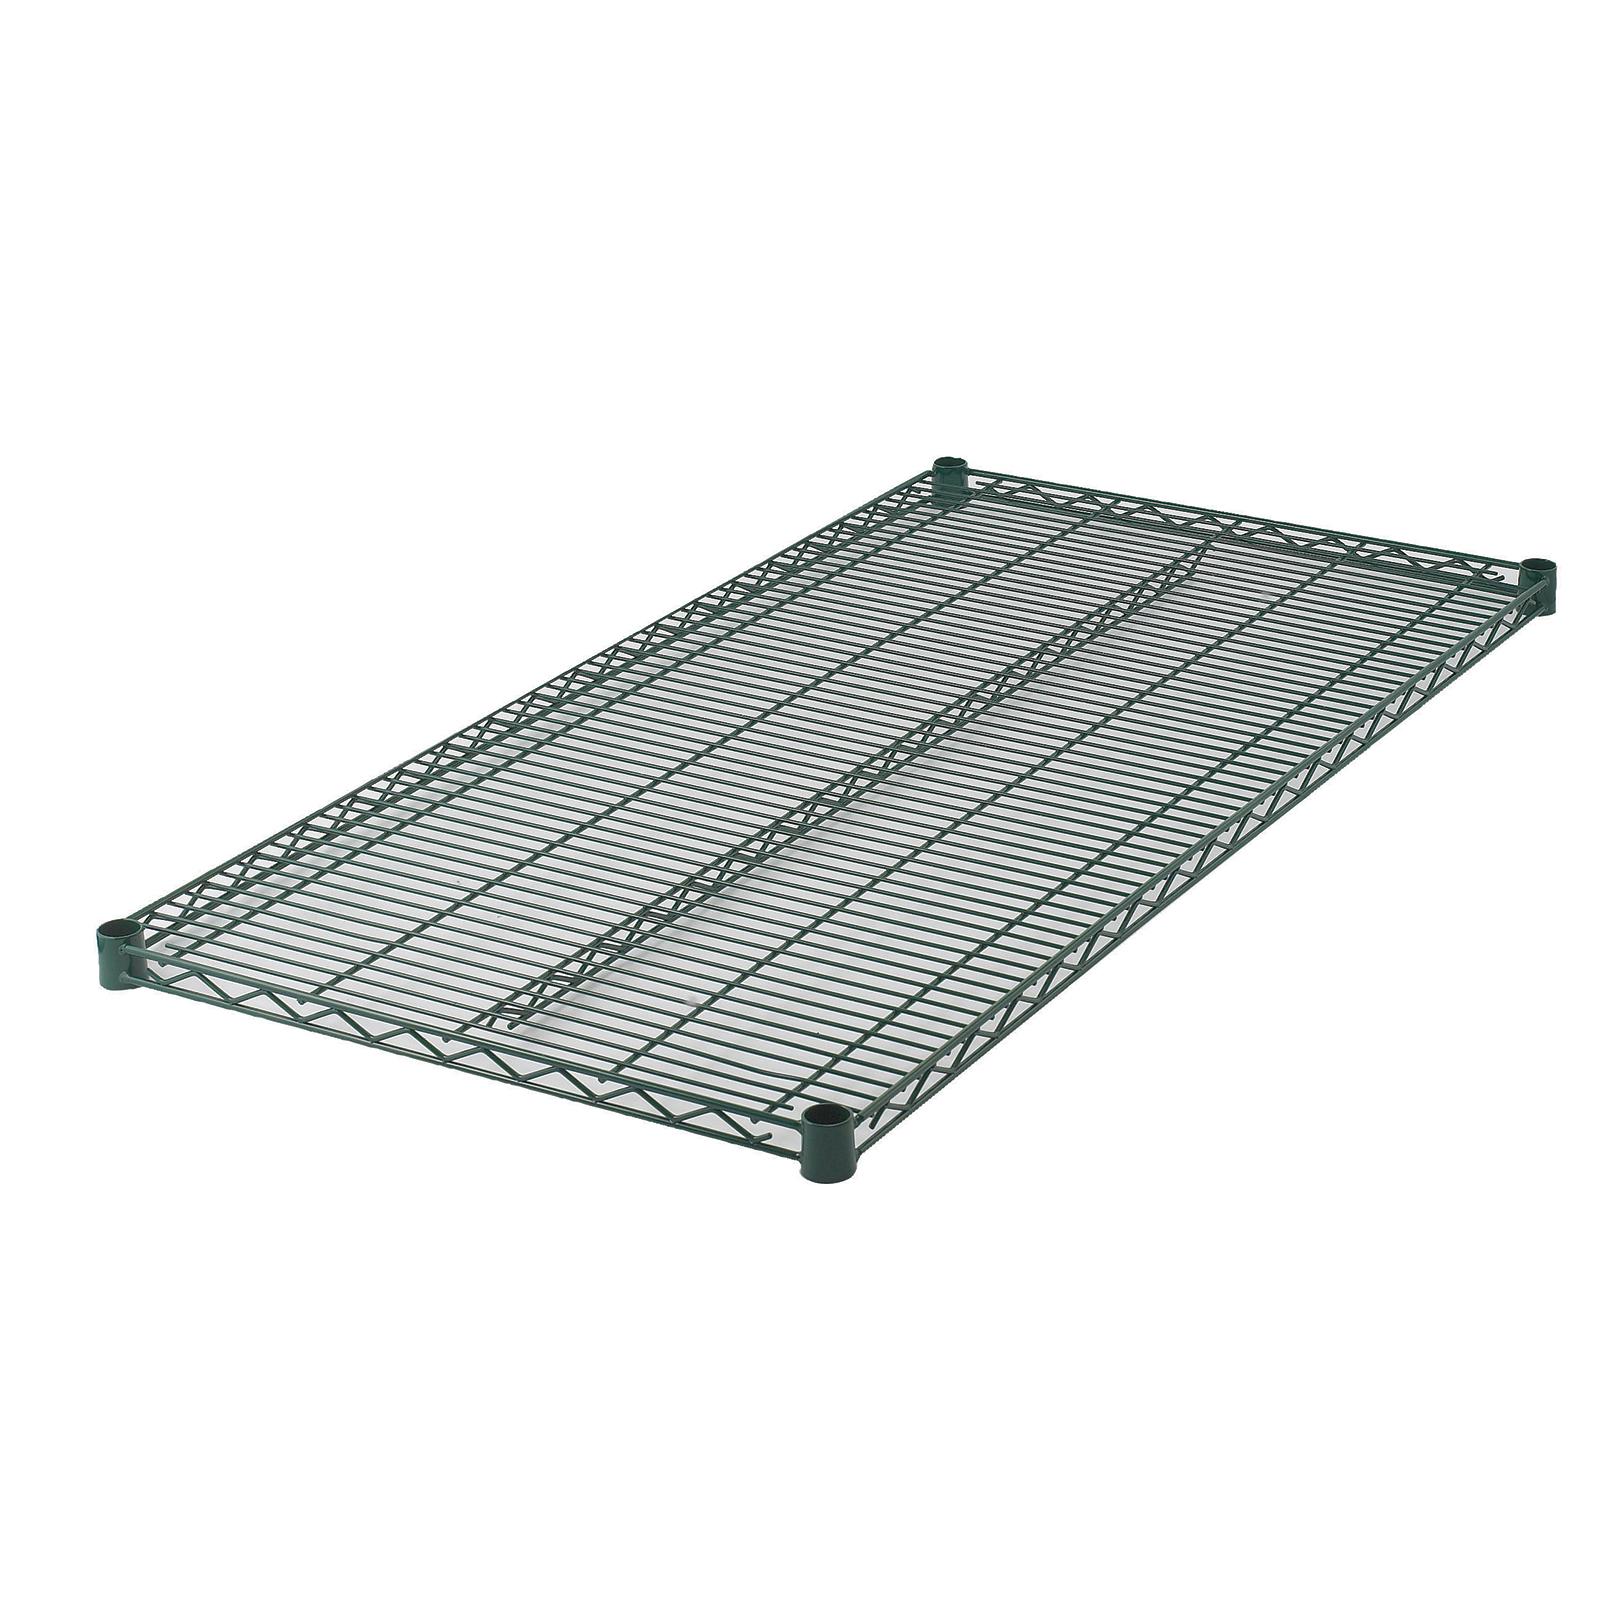 Winco VEX-2442 shelving, wire